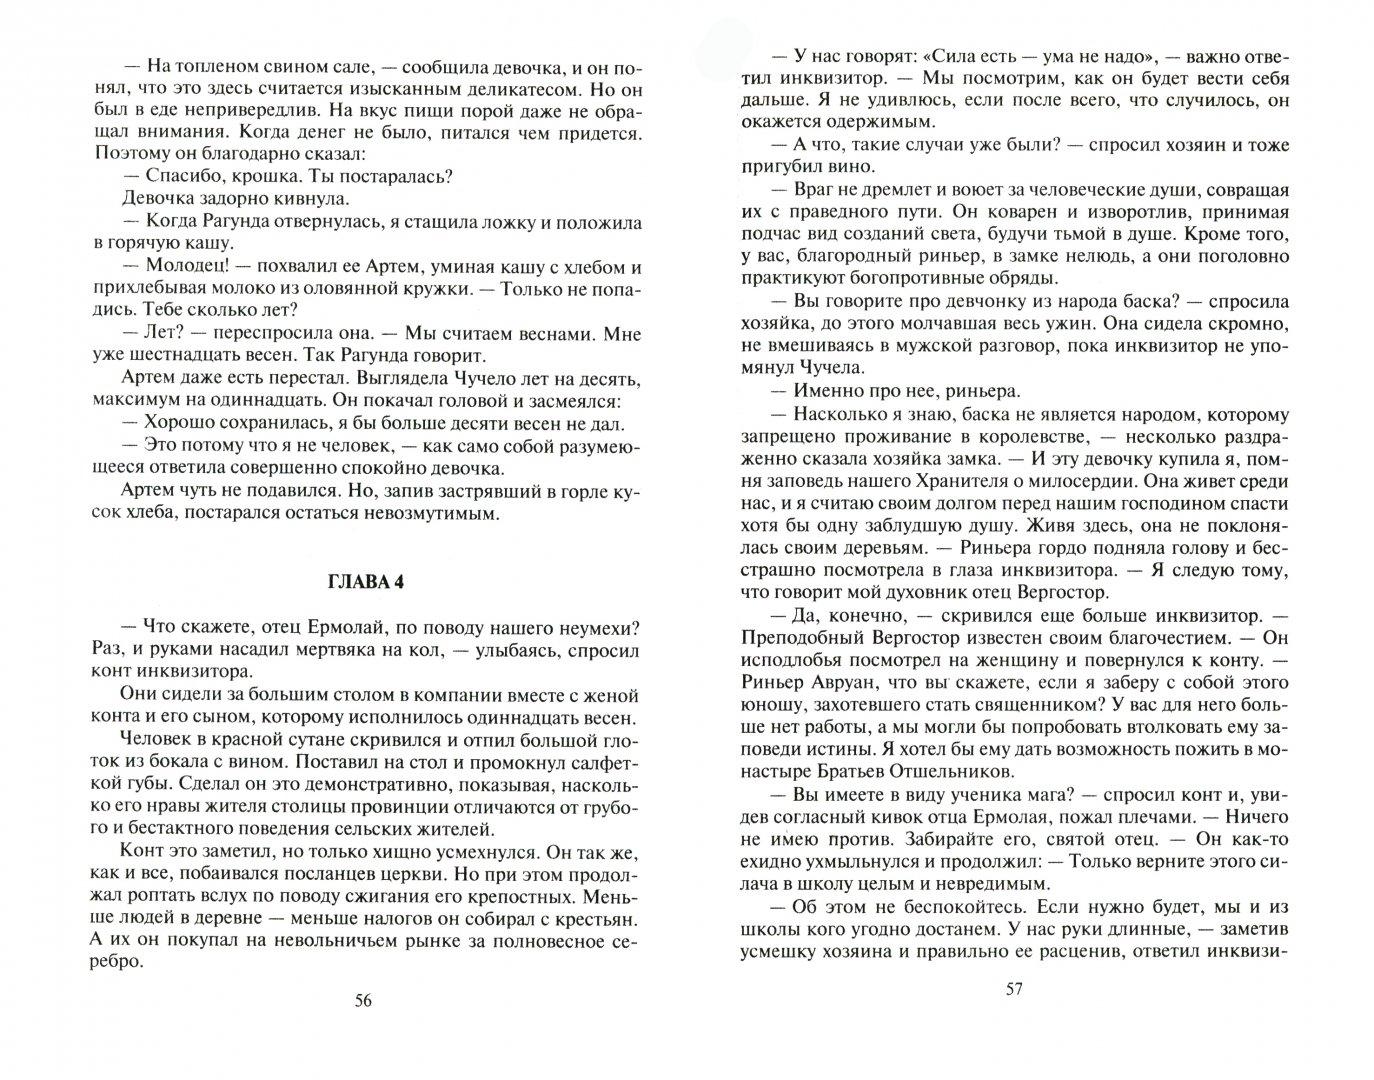 Иллюстрация 1 из 13 для Два в одном. Оплошности судьбы - Владимир Сухинин   Лабиринт - книги. Источник: Лабиринт